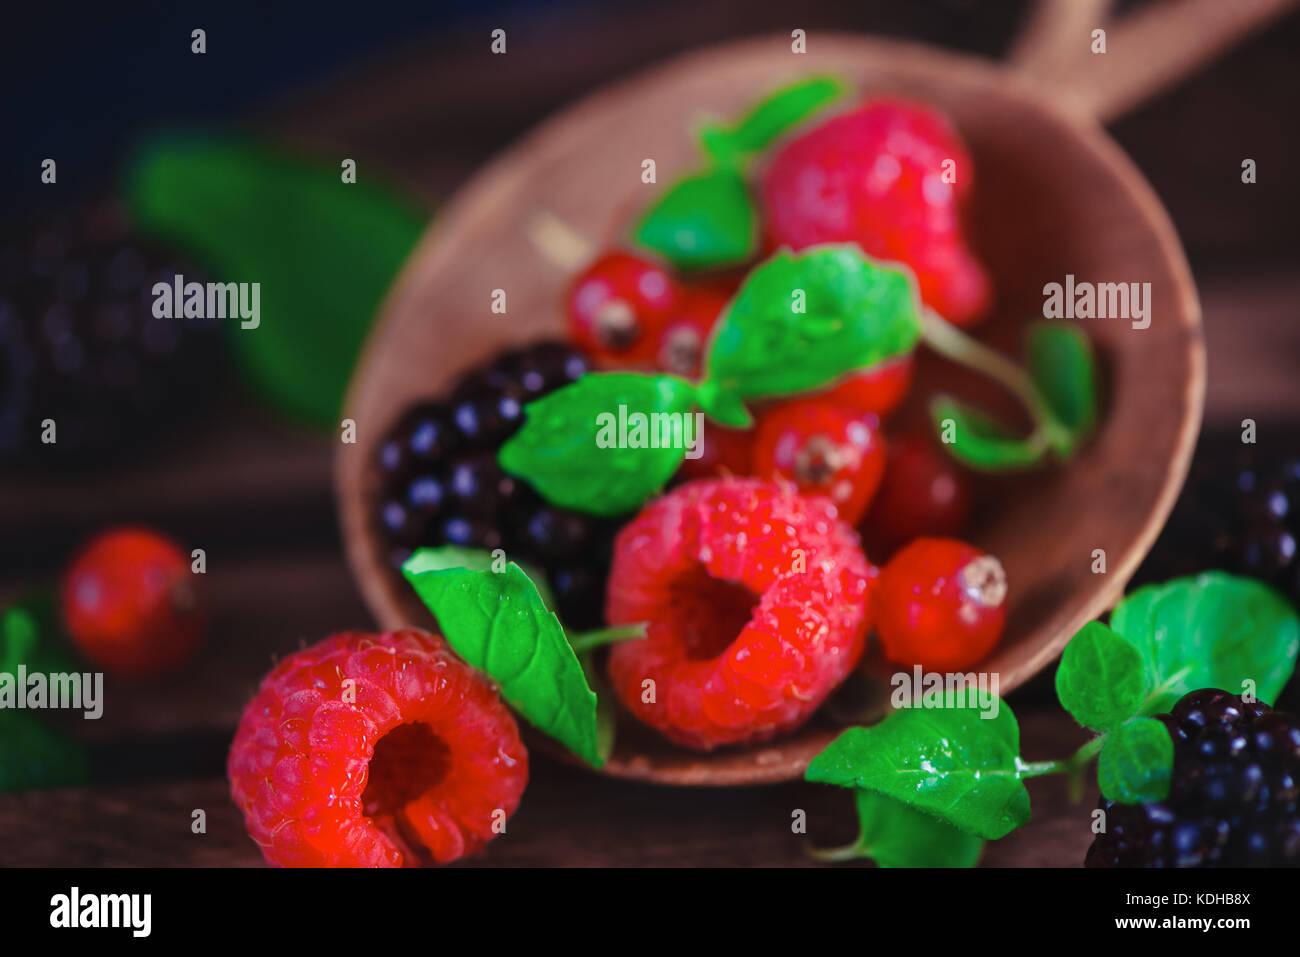 Cerca del pequeño recipiente de madera con frambuesas, arándanos, grosella y hojas de menta. Fotografía Imagen De Stock